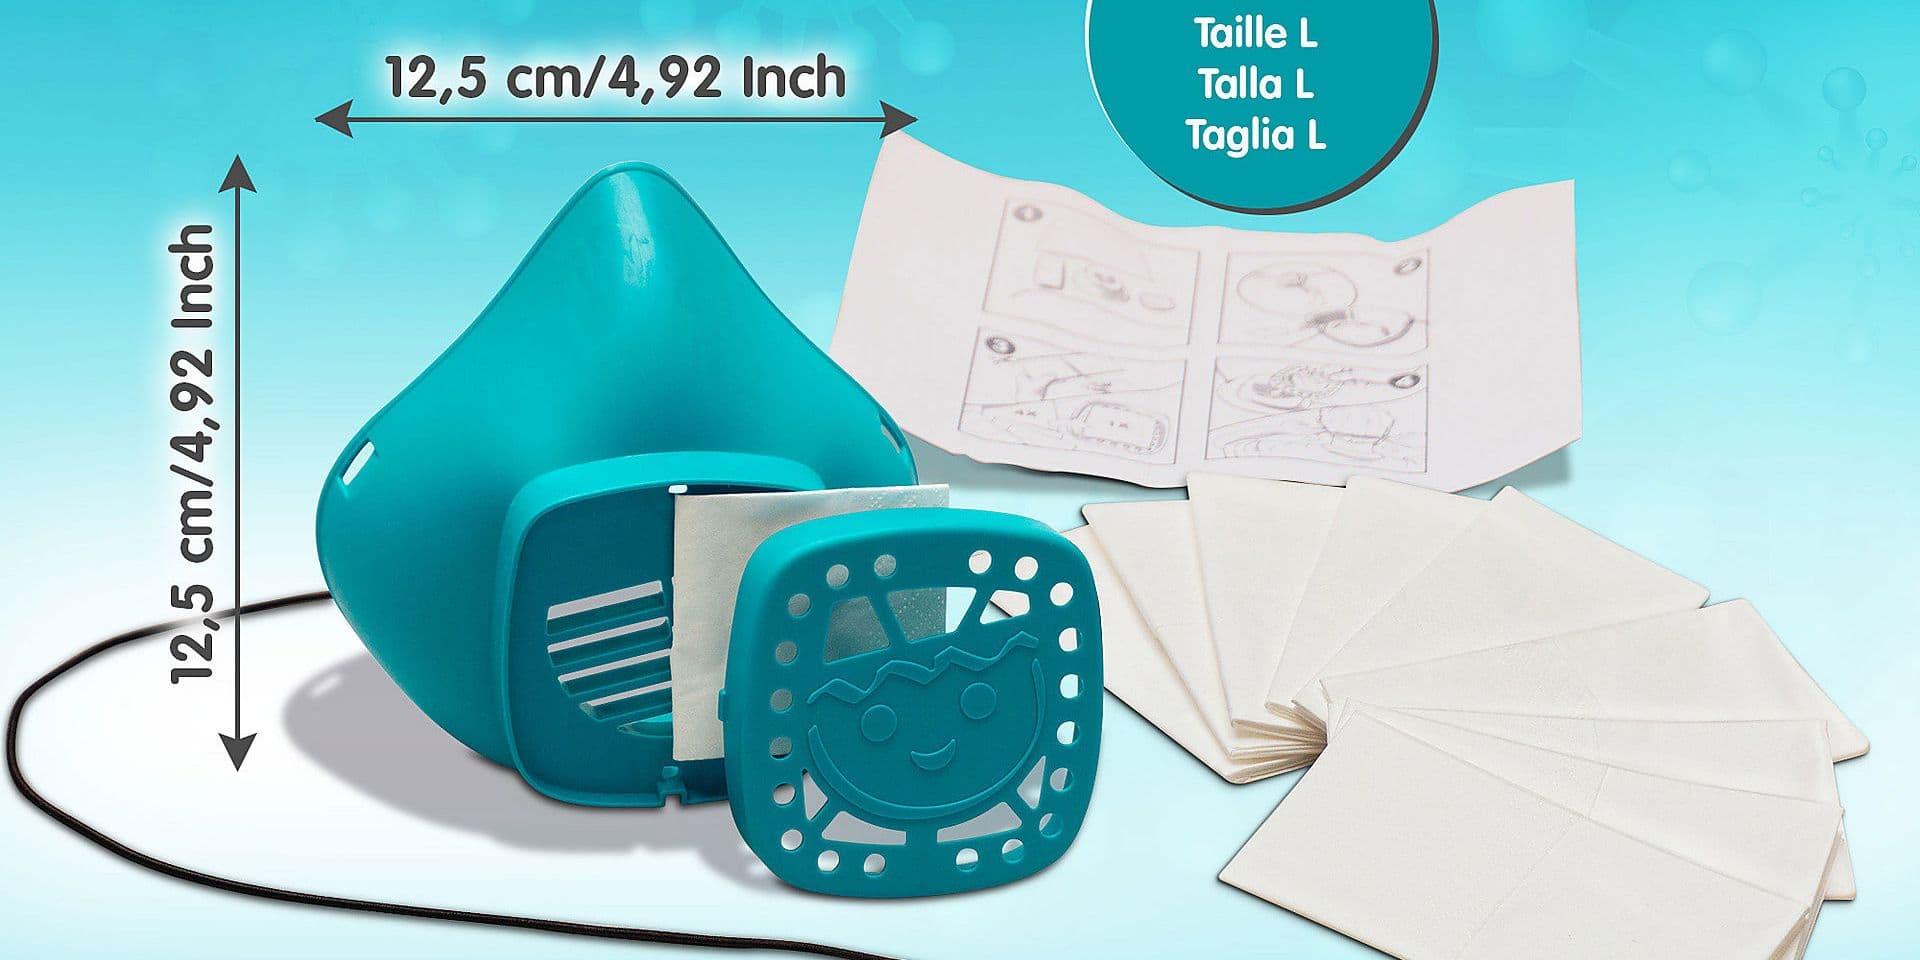 Le carton des masques en plastique de Playmobil pour lutter contre le coronavirus